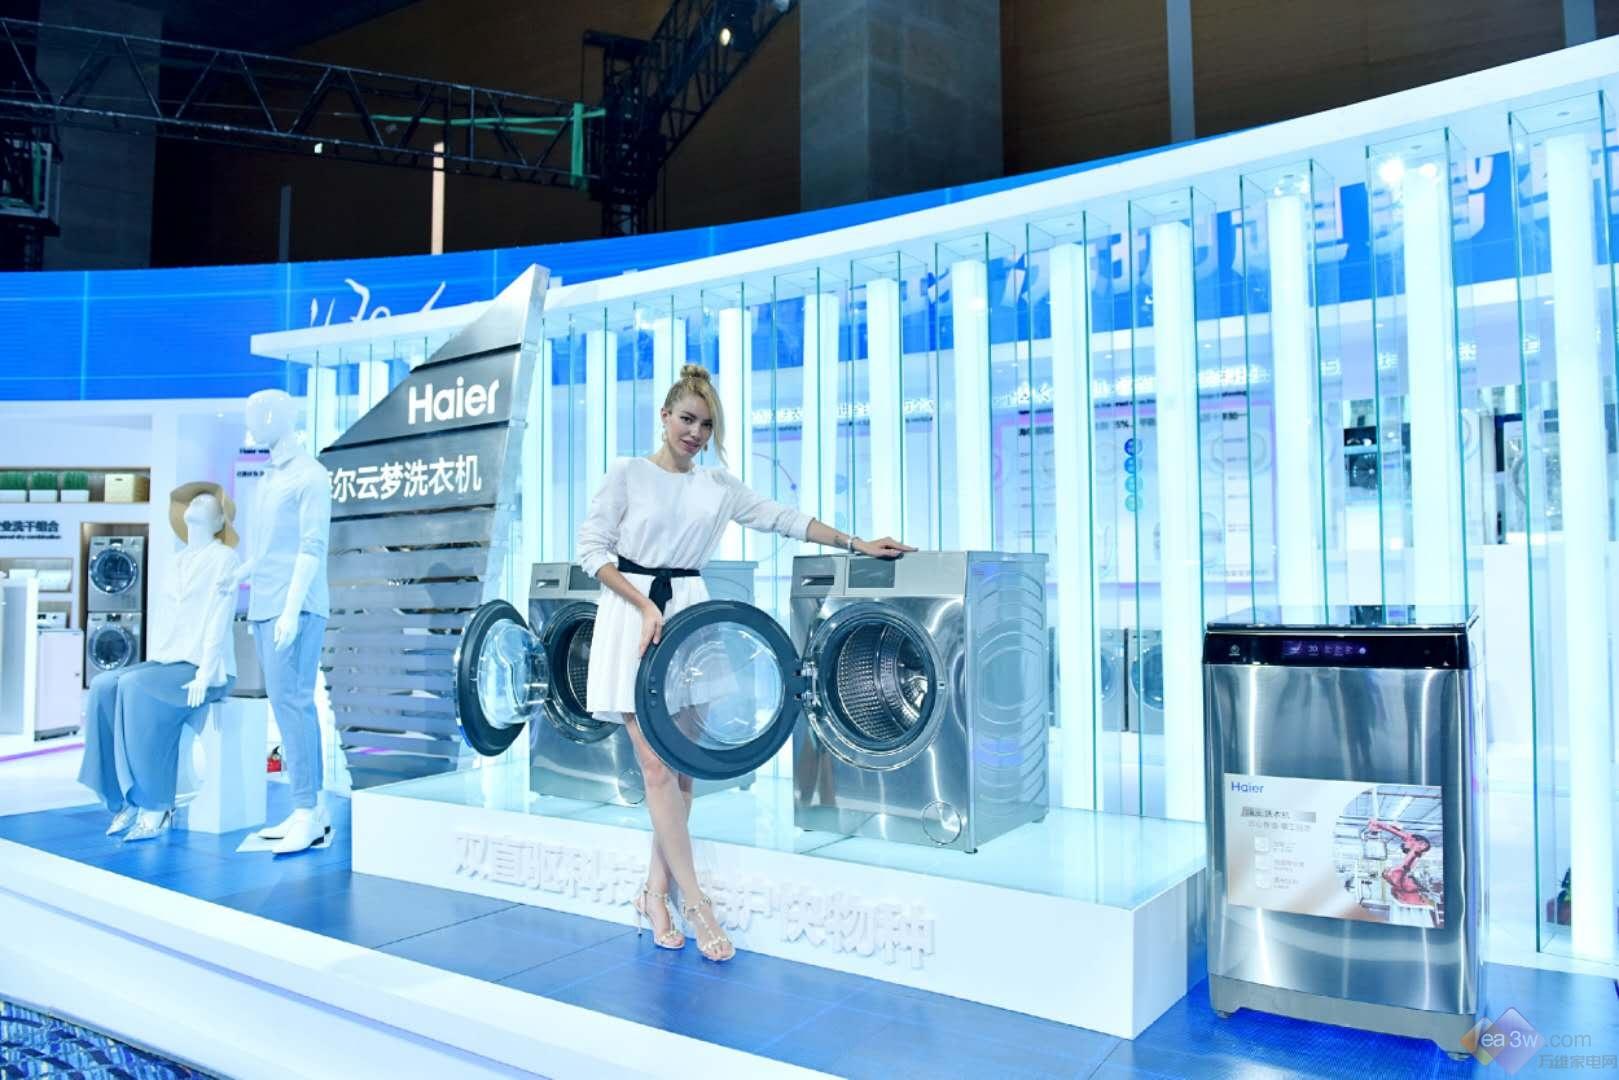 海尔洗衣机在成都展示缔造世界趋势的奥秘